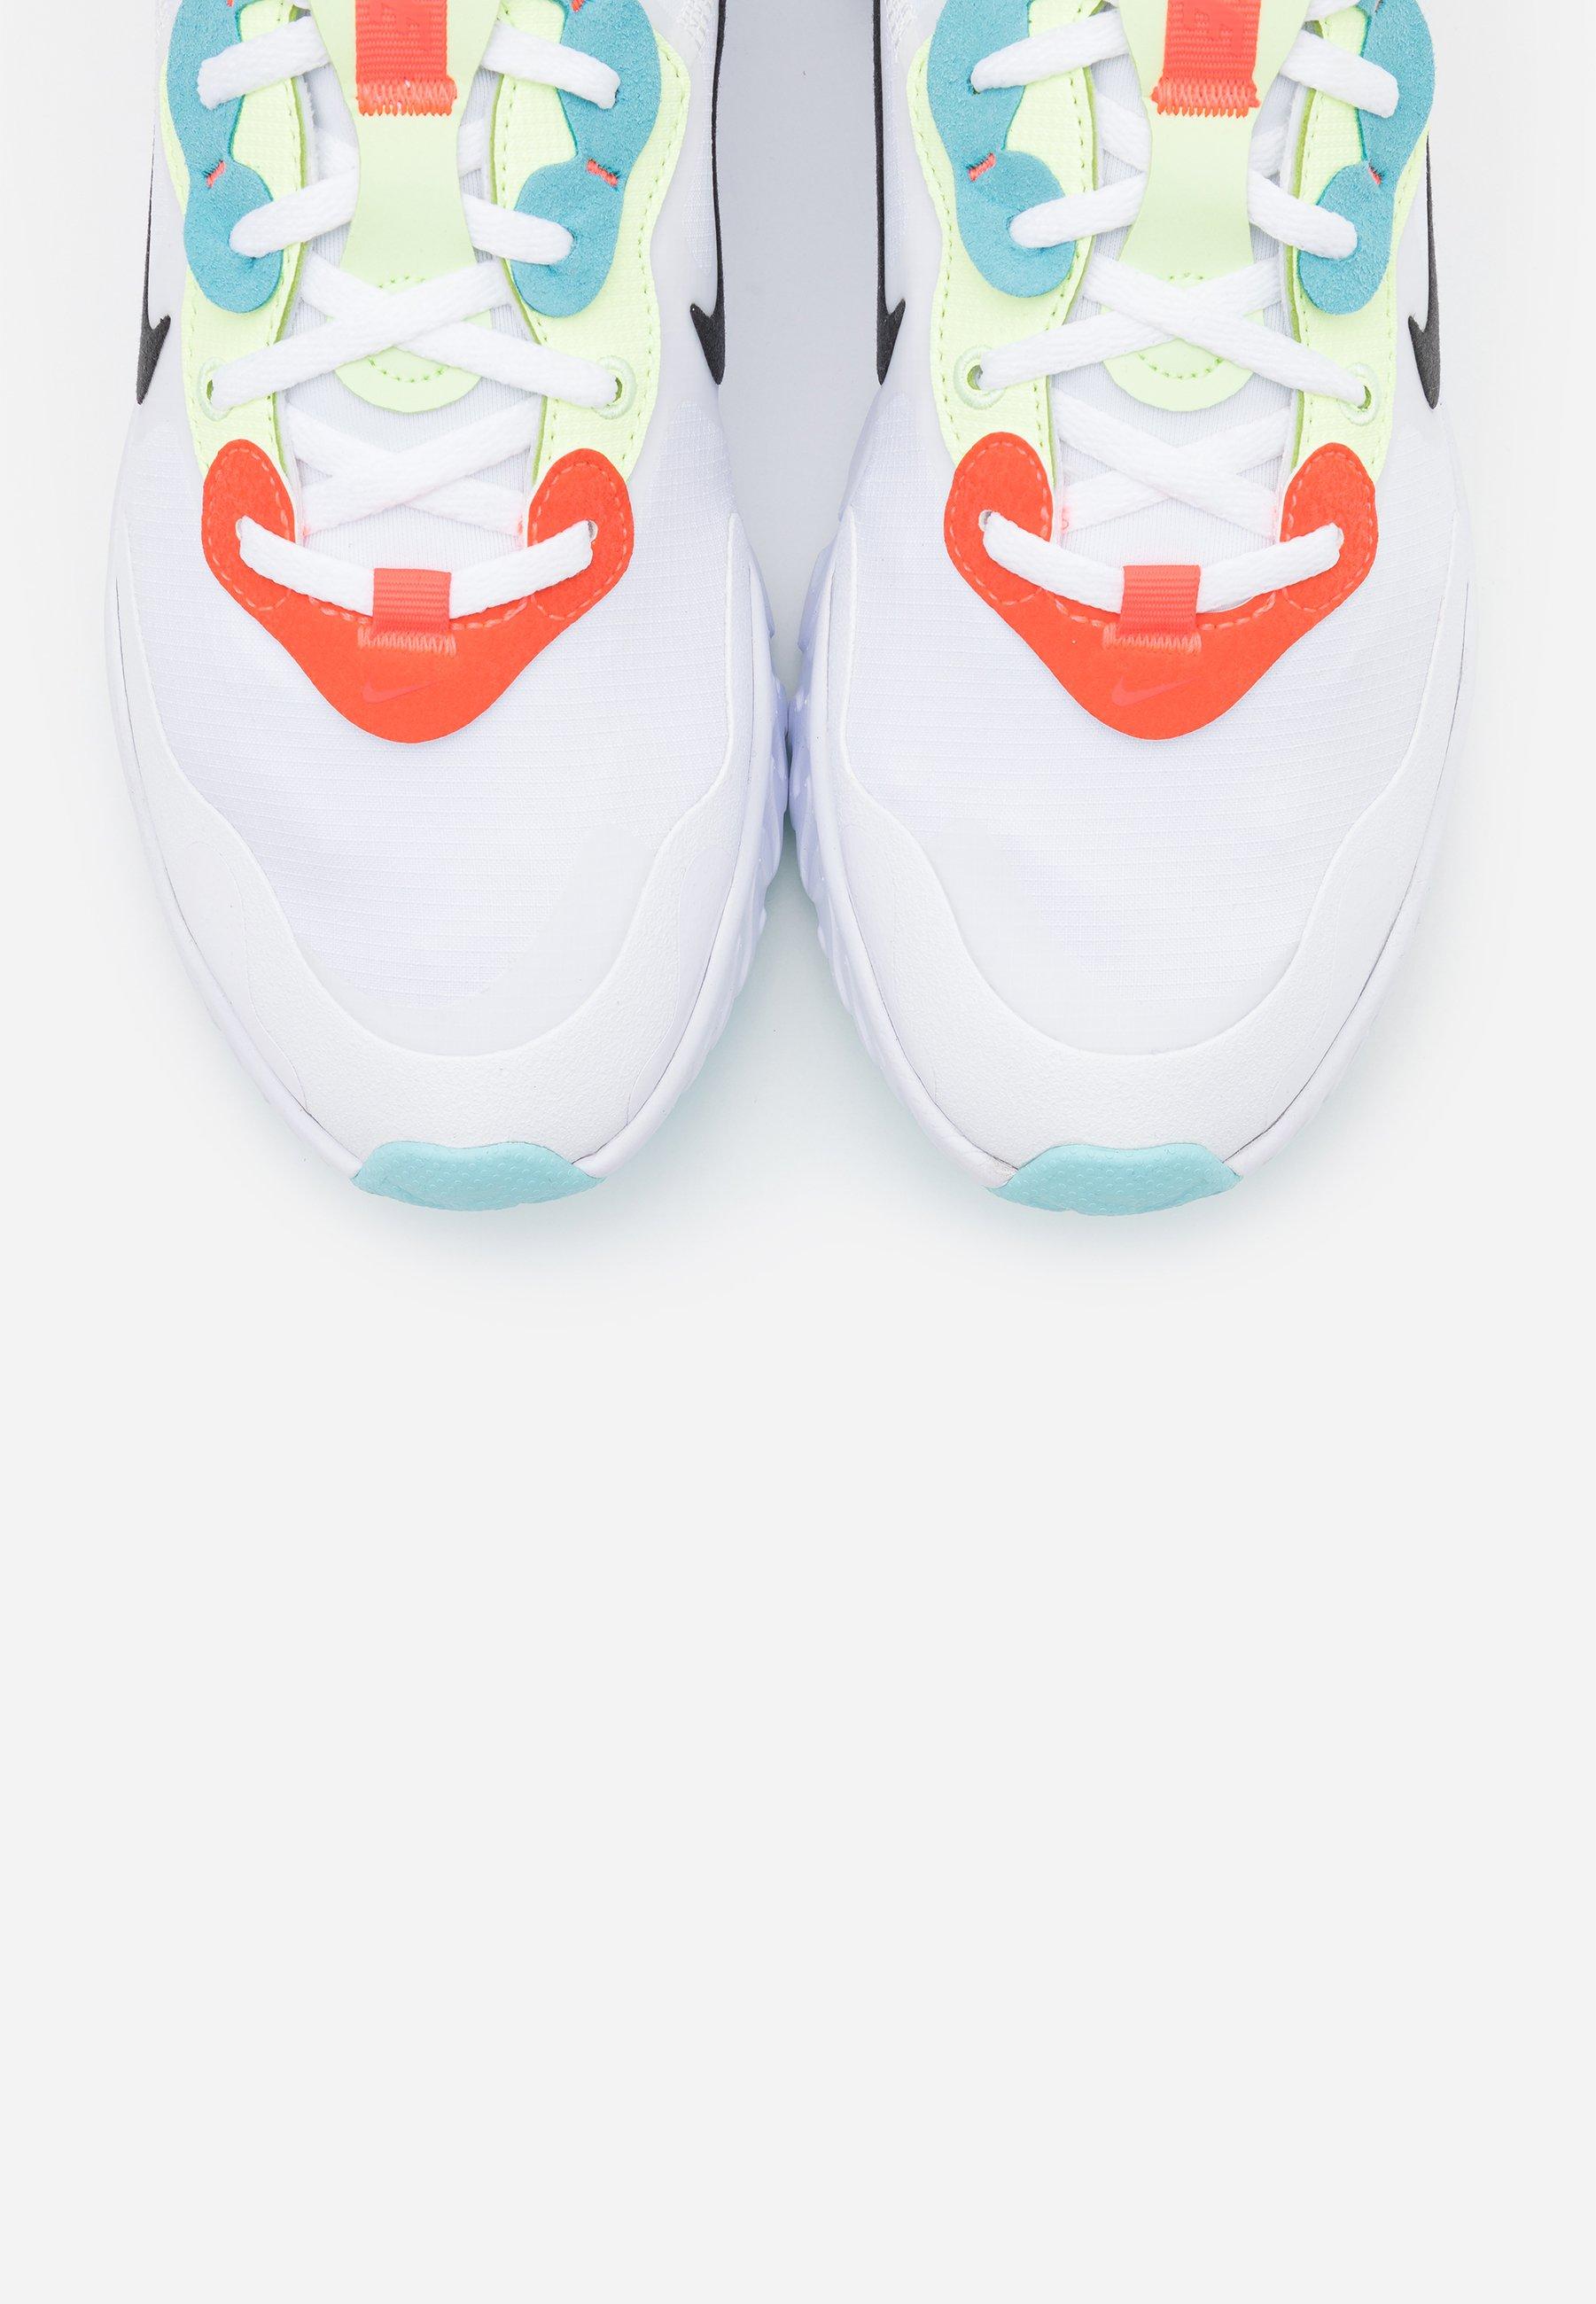 Sale Best Authentic Women's Shoes Nike Sportswear ART3MIS Trainers white/black/bright crimson/barely volt/glacier ice IOqkRNQPU jKPid8unj